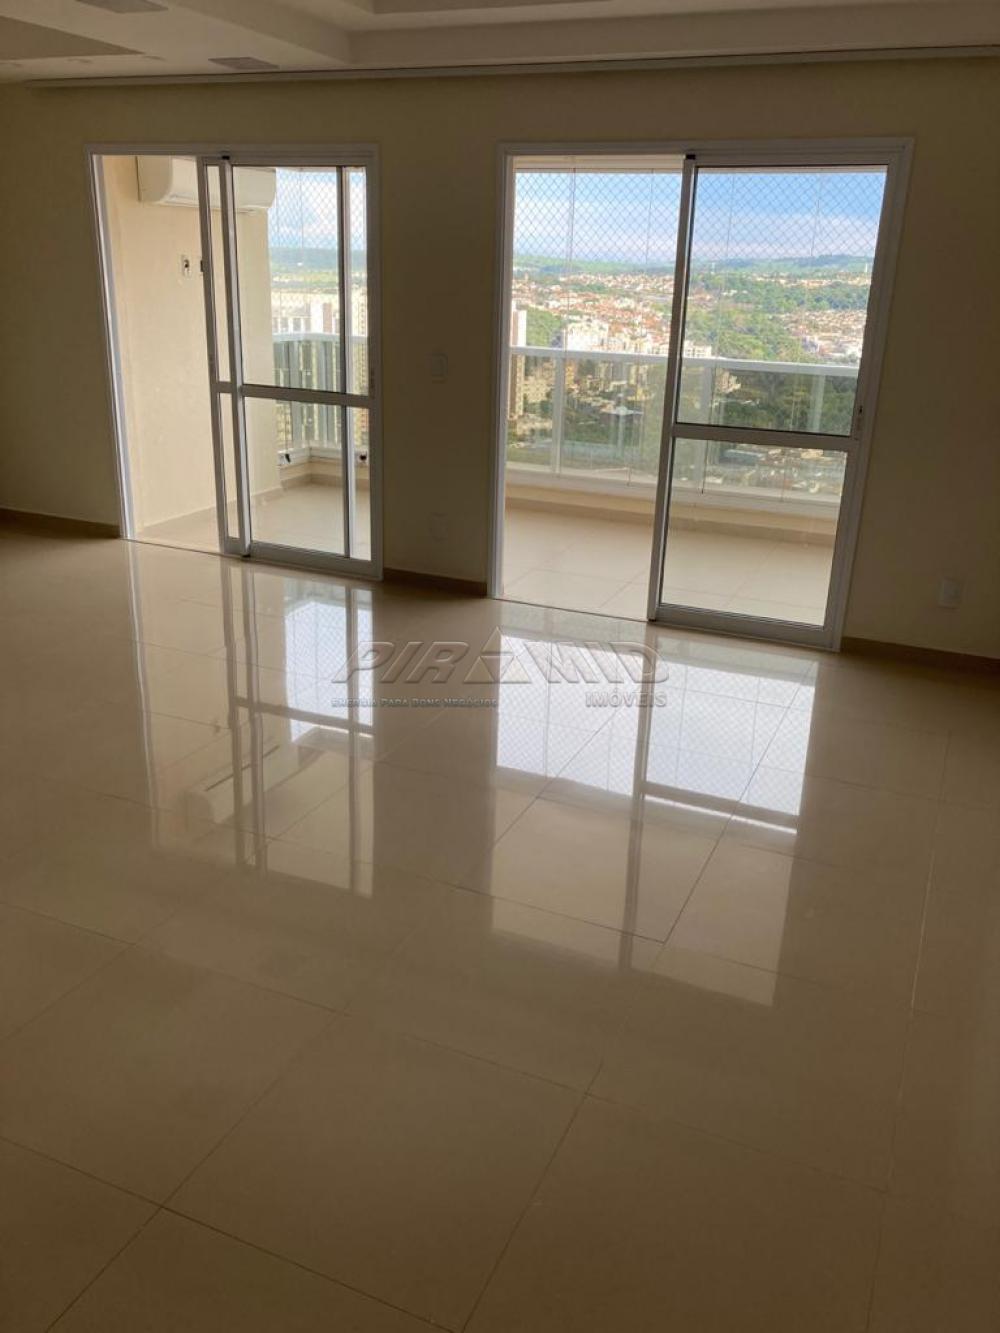 Comprar Apartamento / Padrão em Ribeirão Preto apenas R$ 800.000,00 - Foto 1